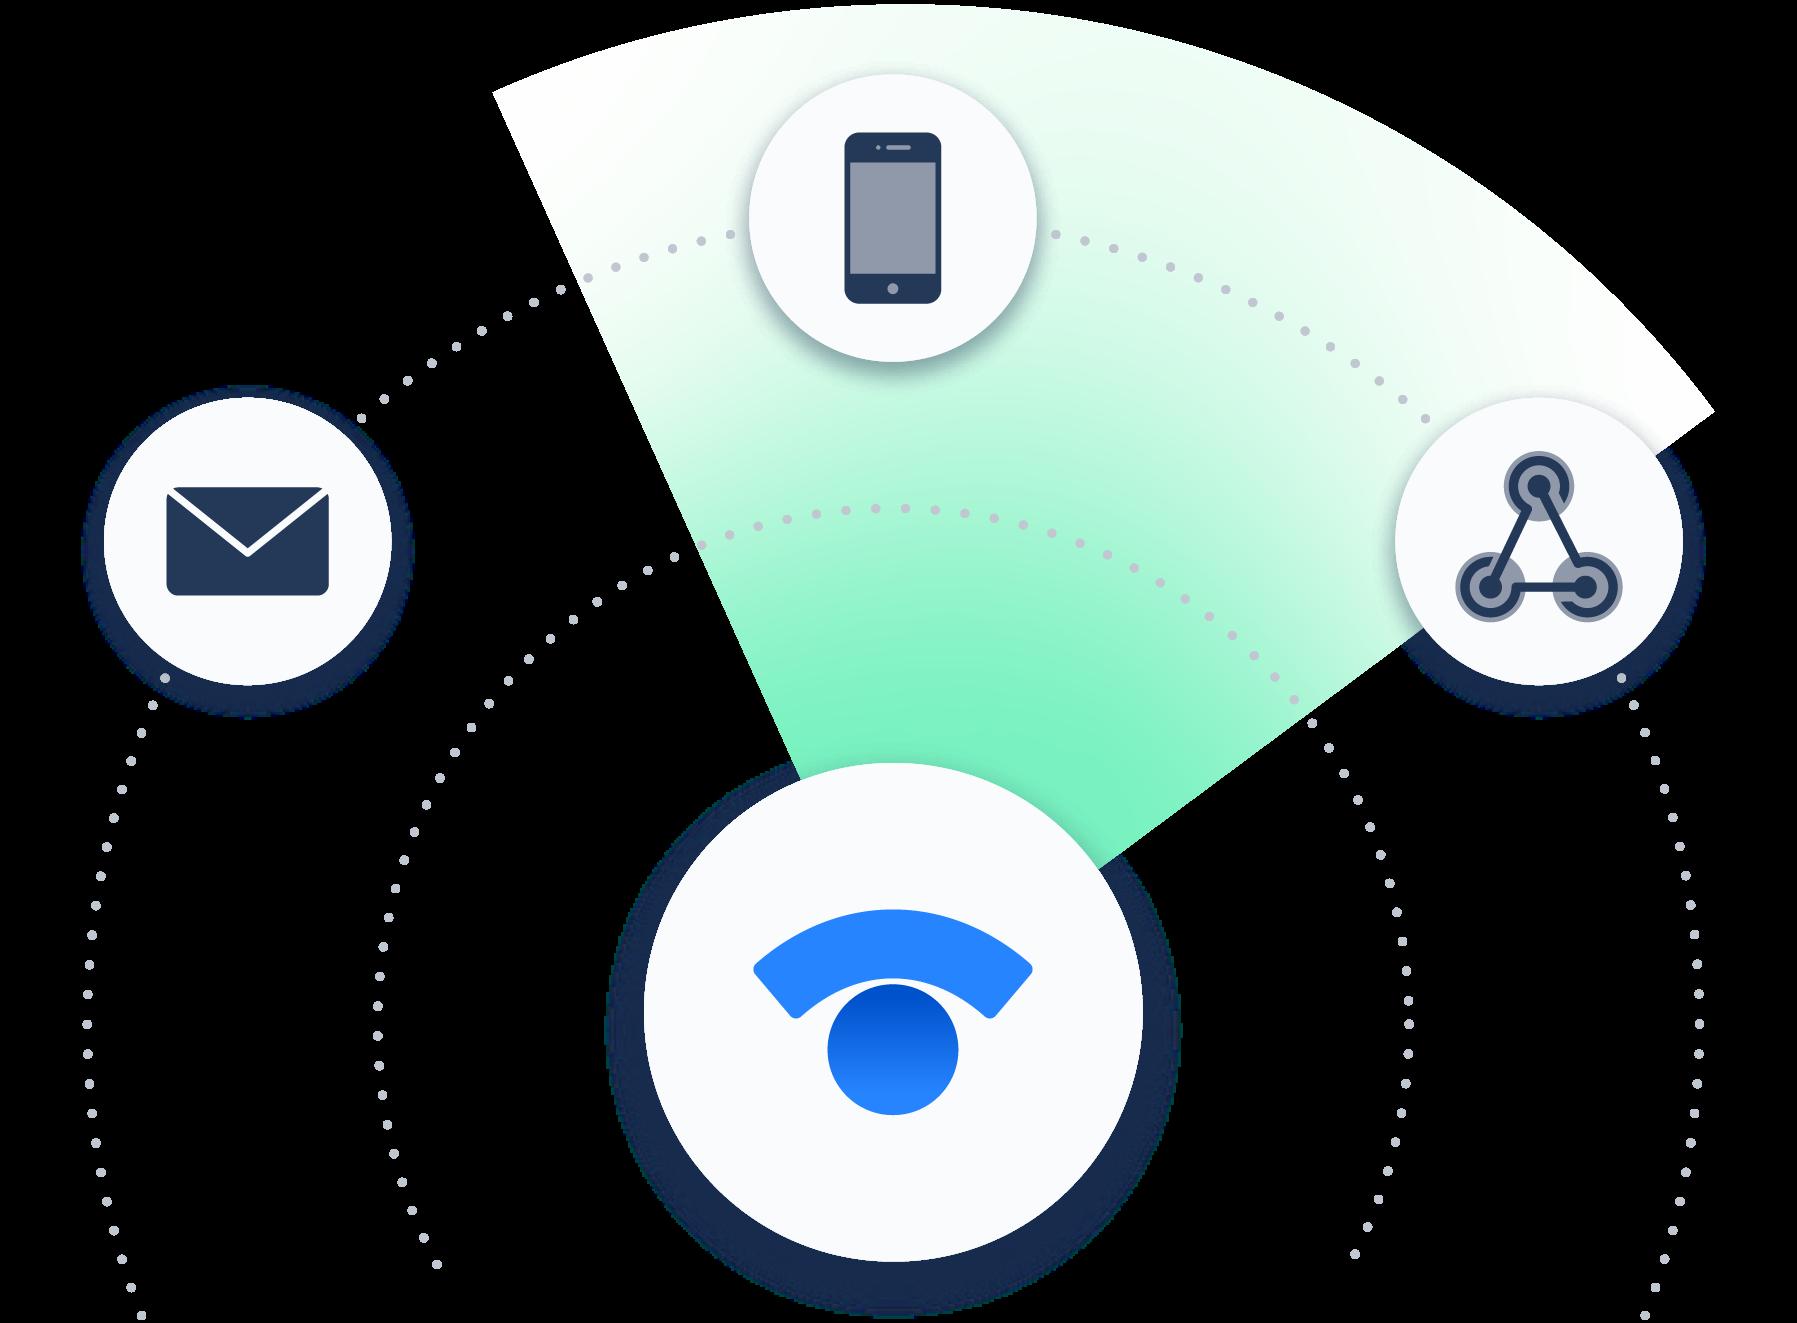 Icône de Statuspage avec des outils de communication (comme la messagerie et le téléphone)